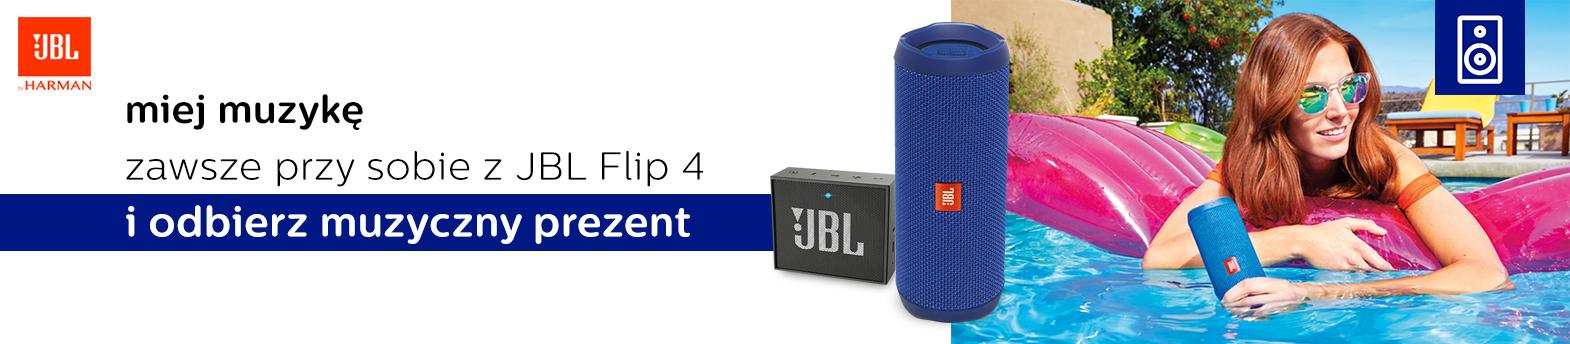 poznaj JBL FLIP 4 i odbierz prezent